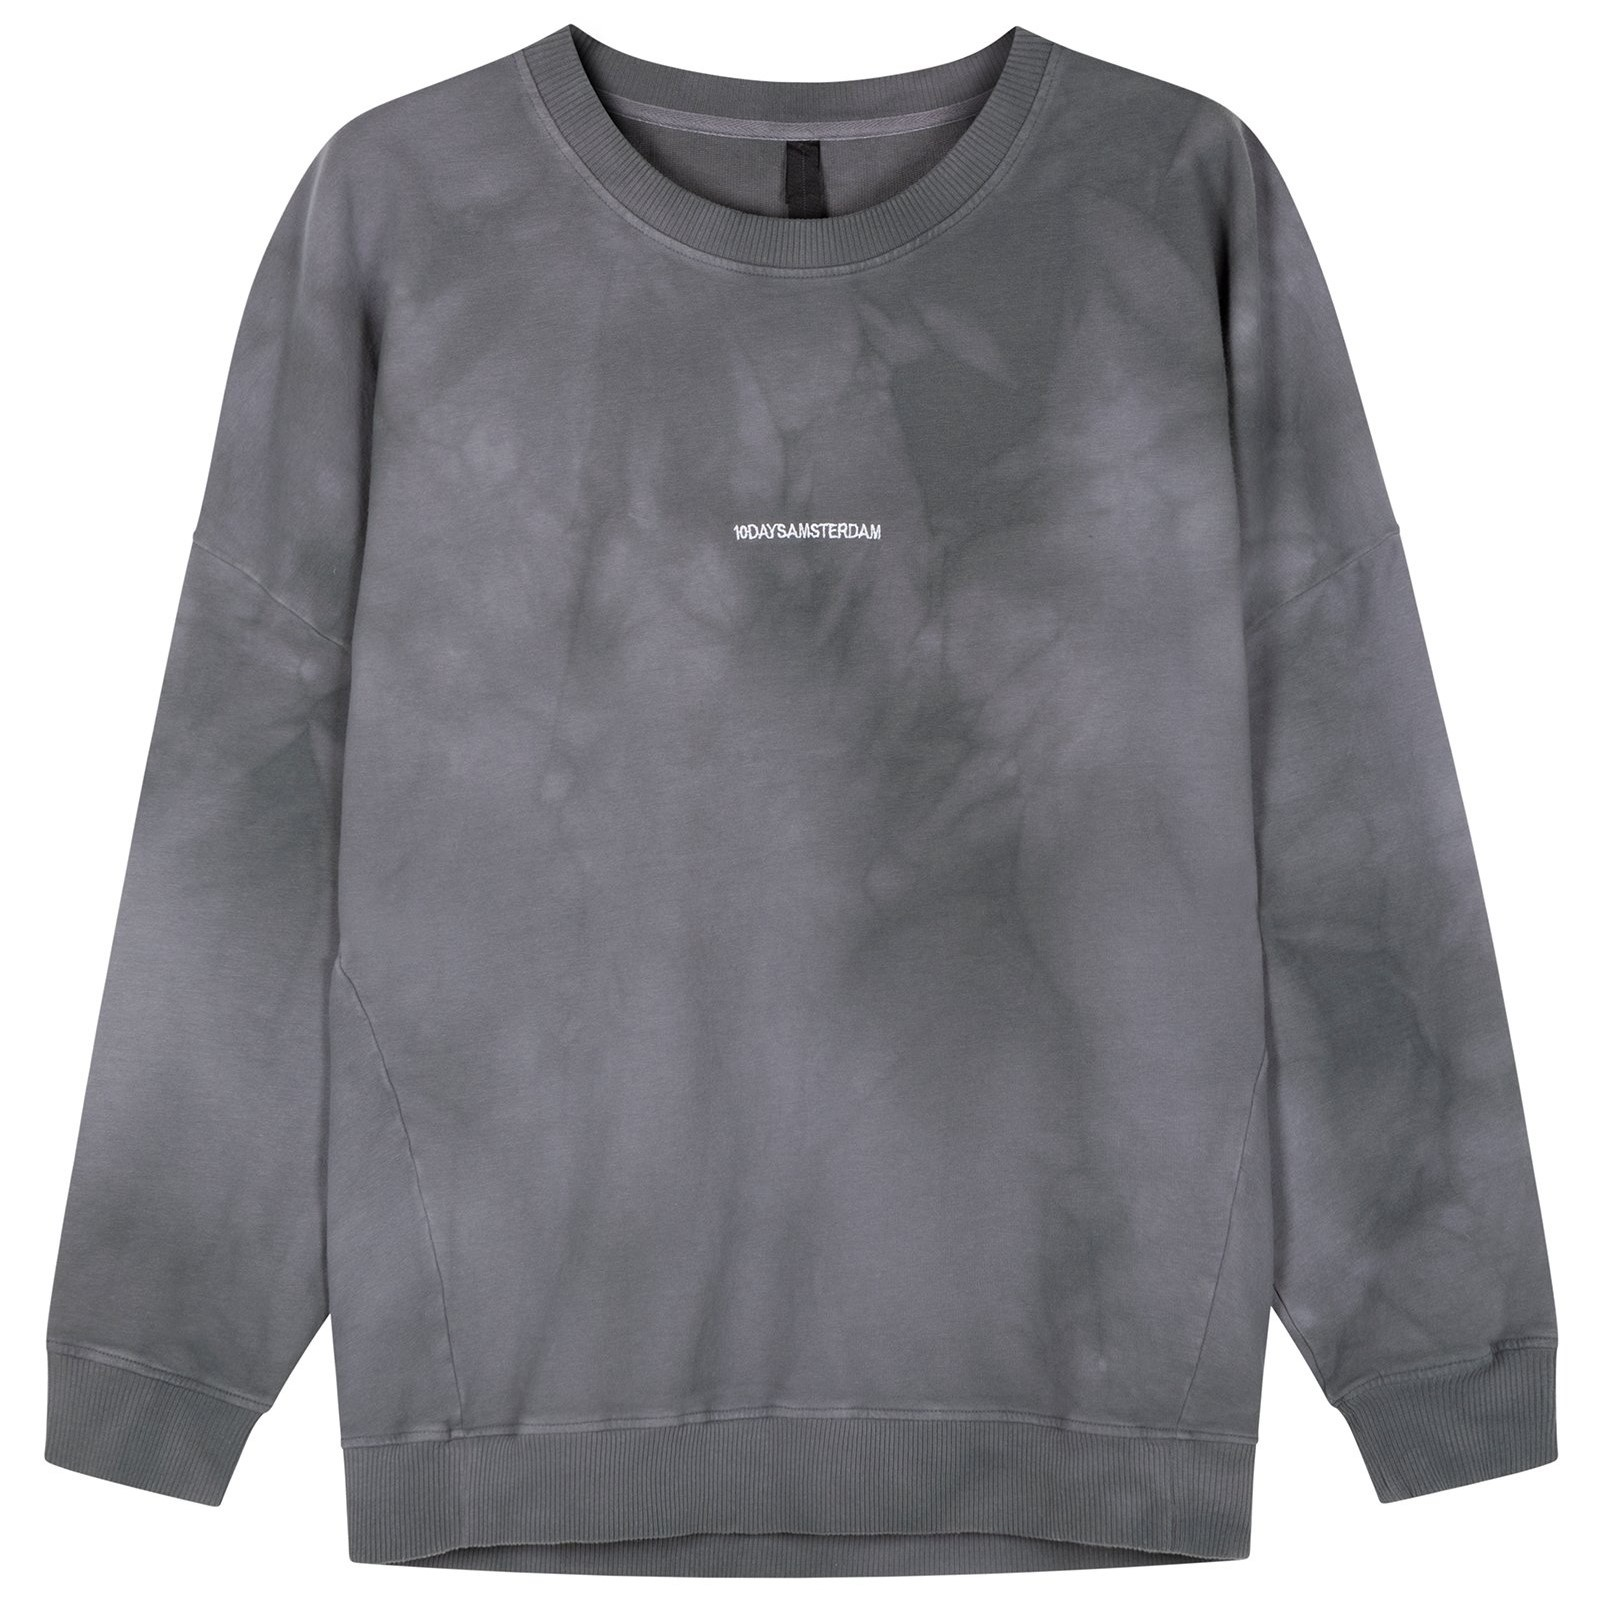 Trui oversized sweater tie dye grey-1